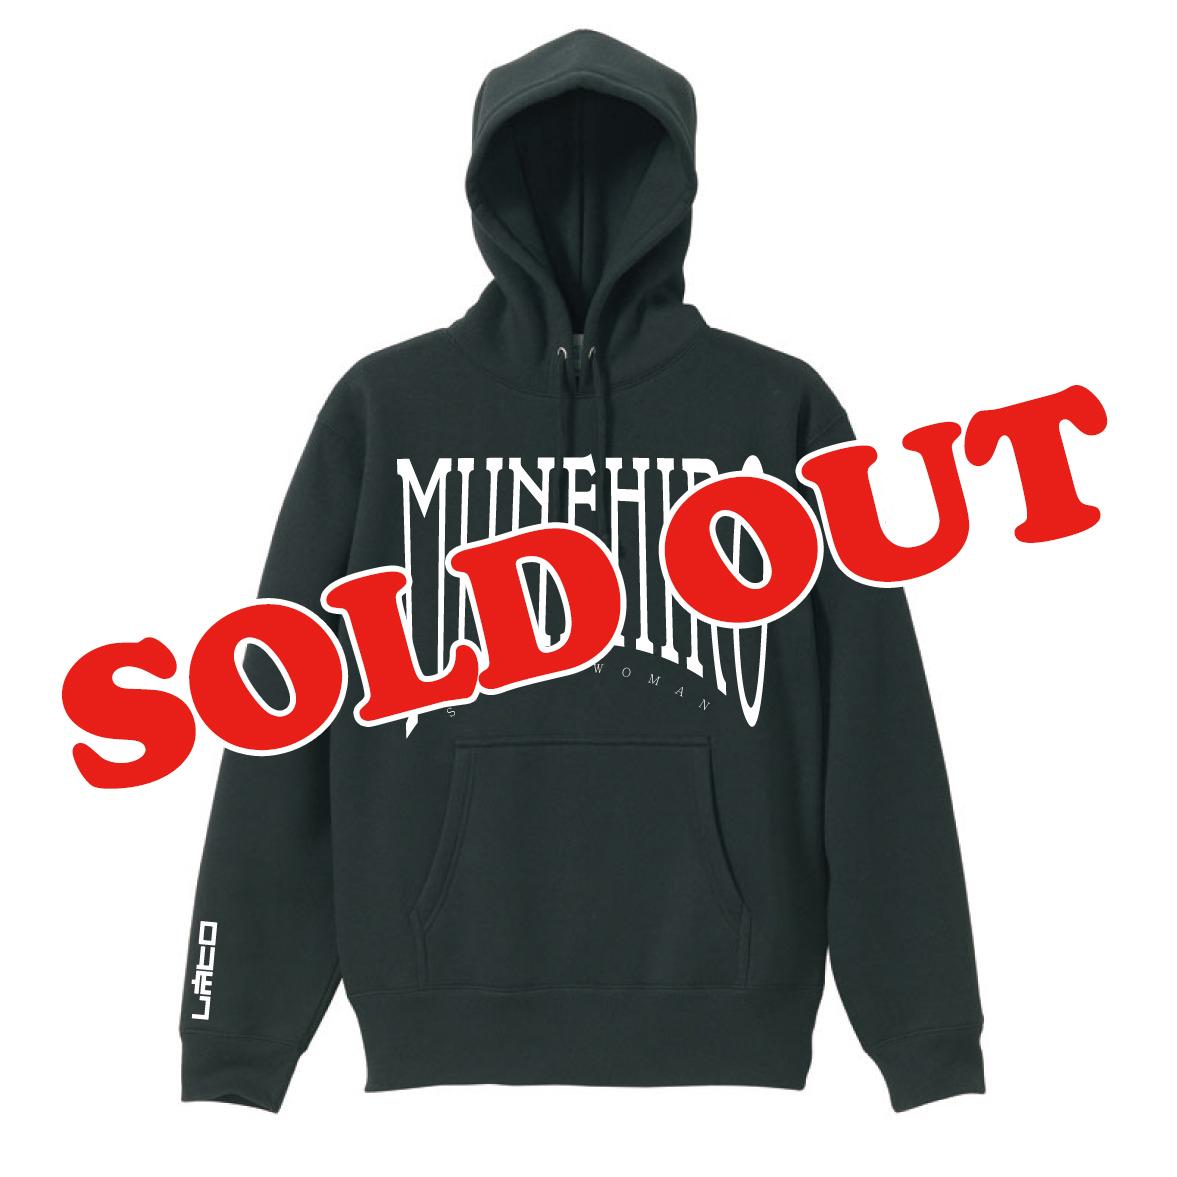 MUNEHIRO hoodie